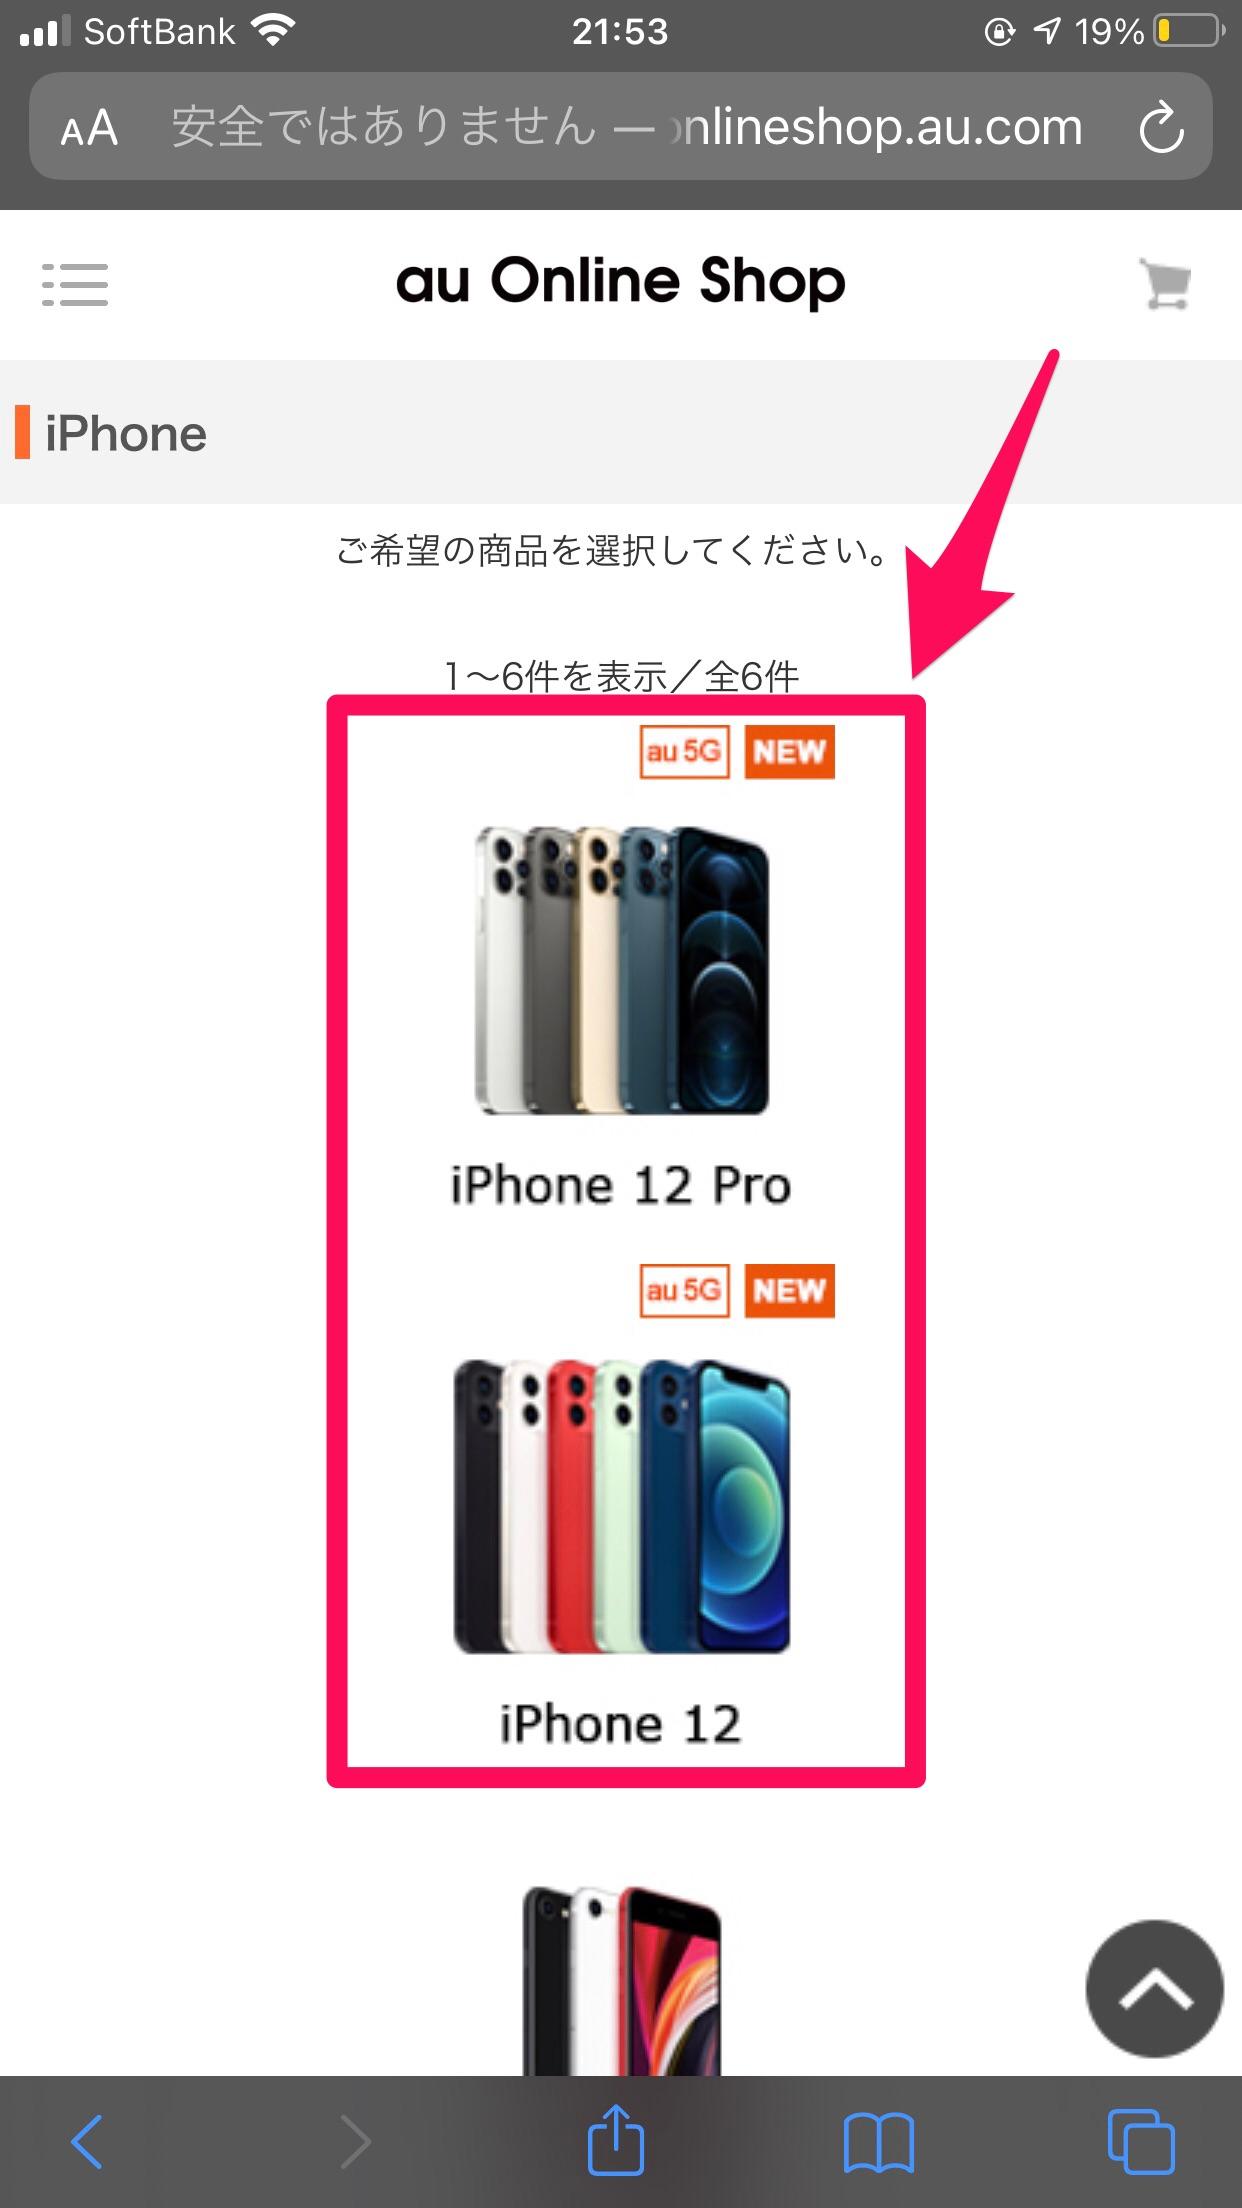 auオンラインショップでiPhone 12購入3